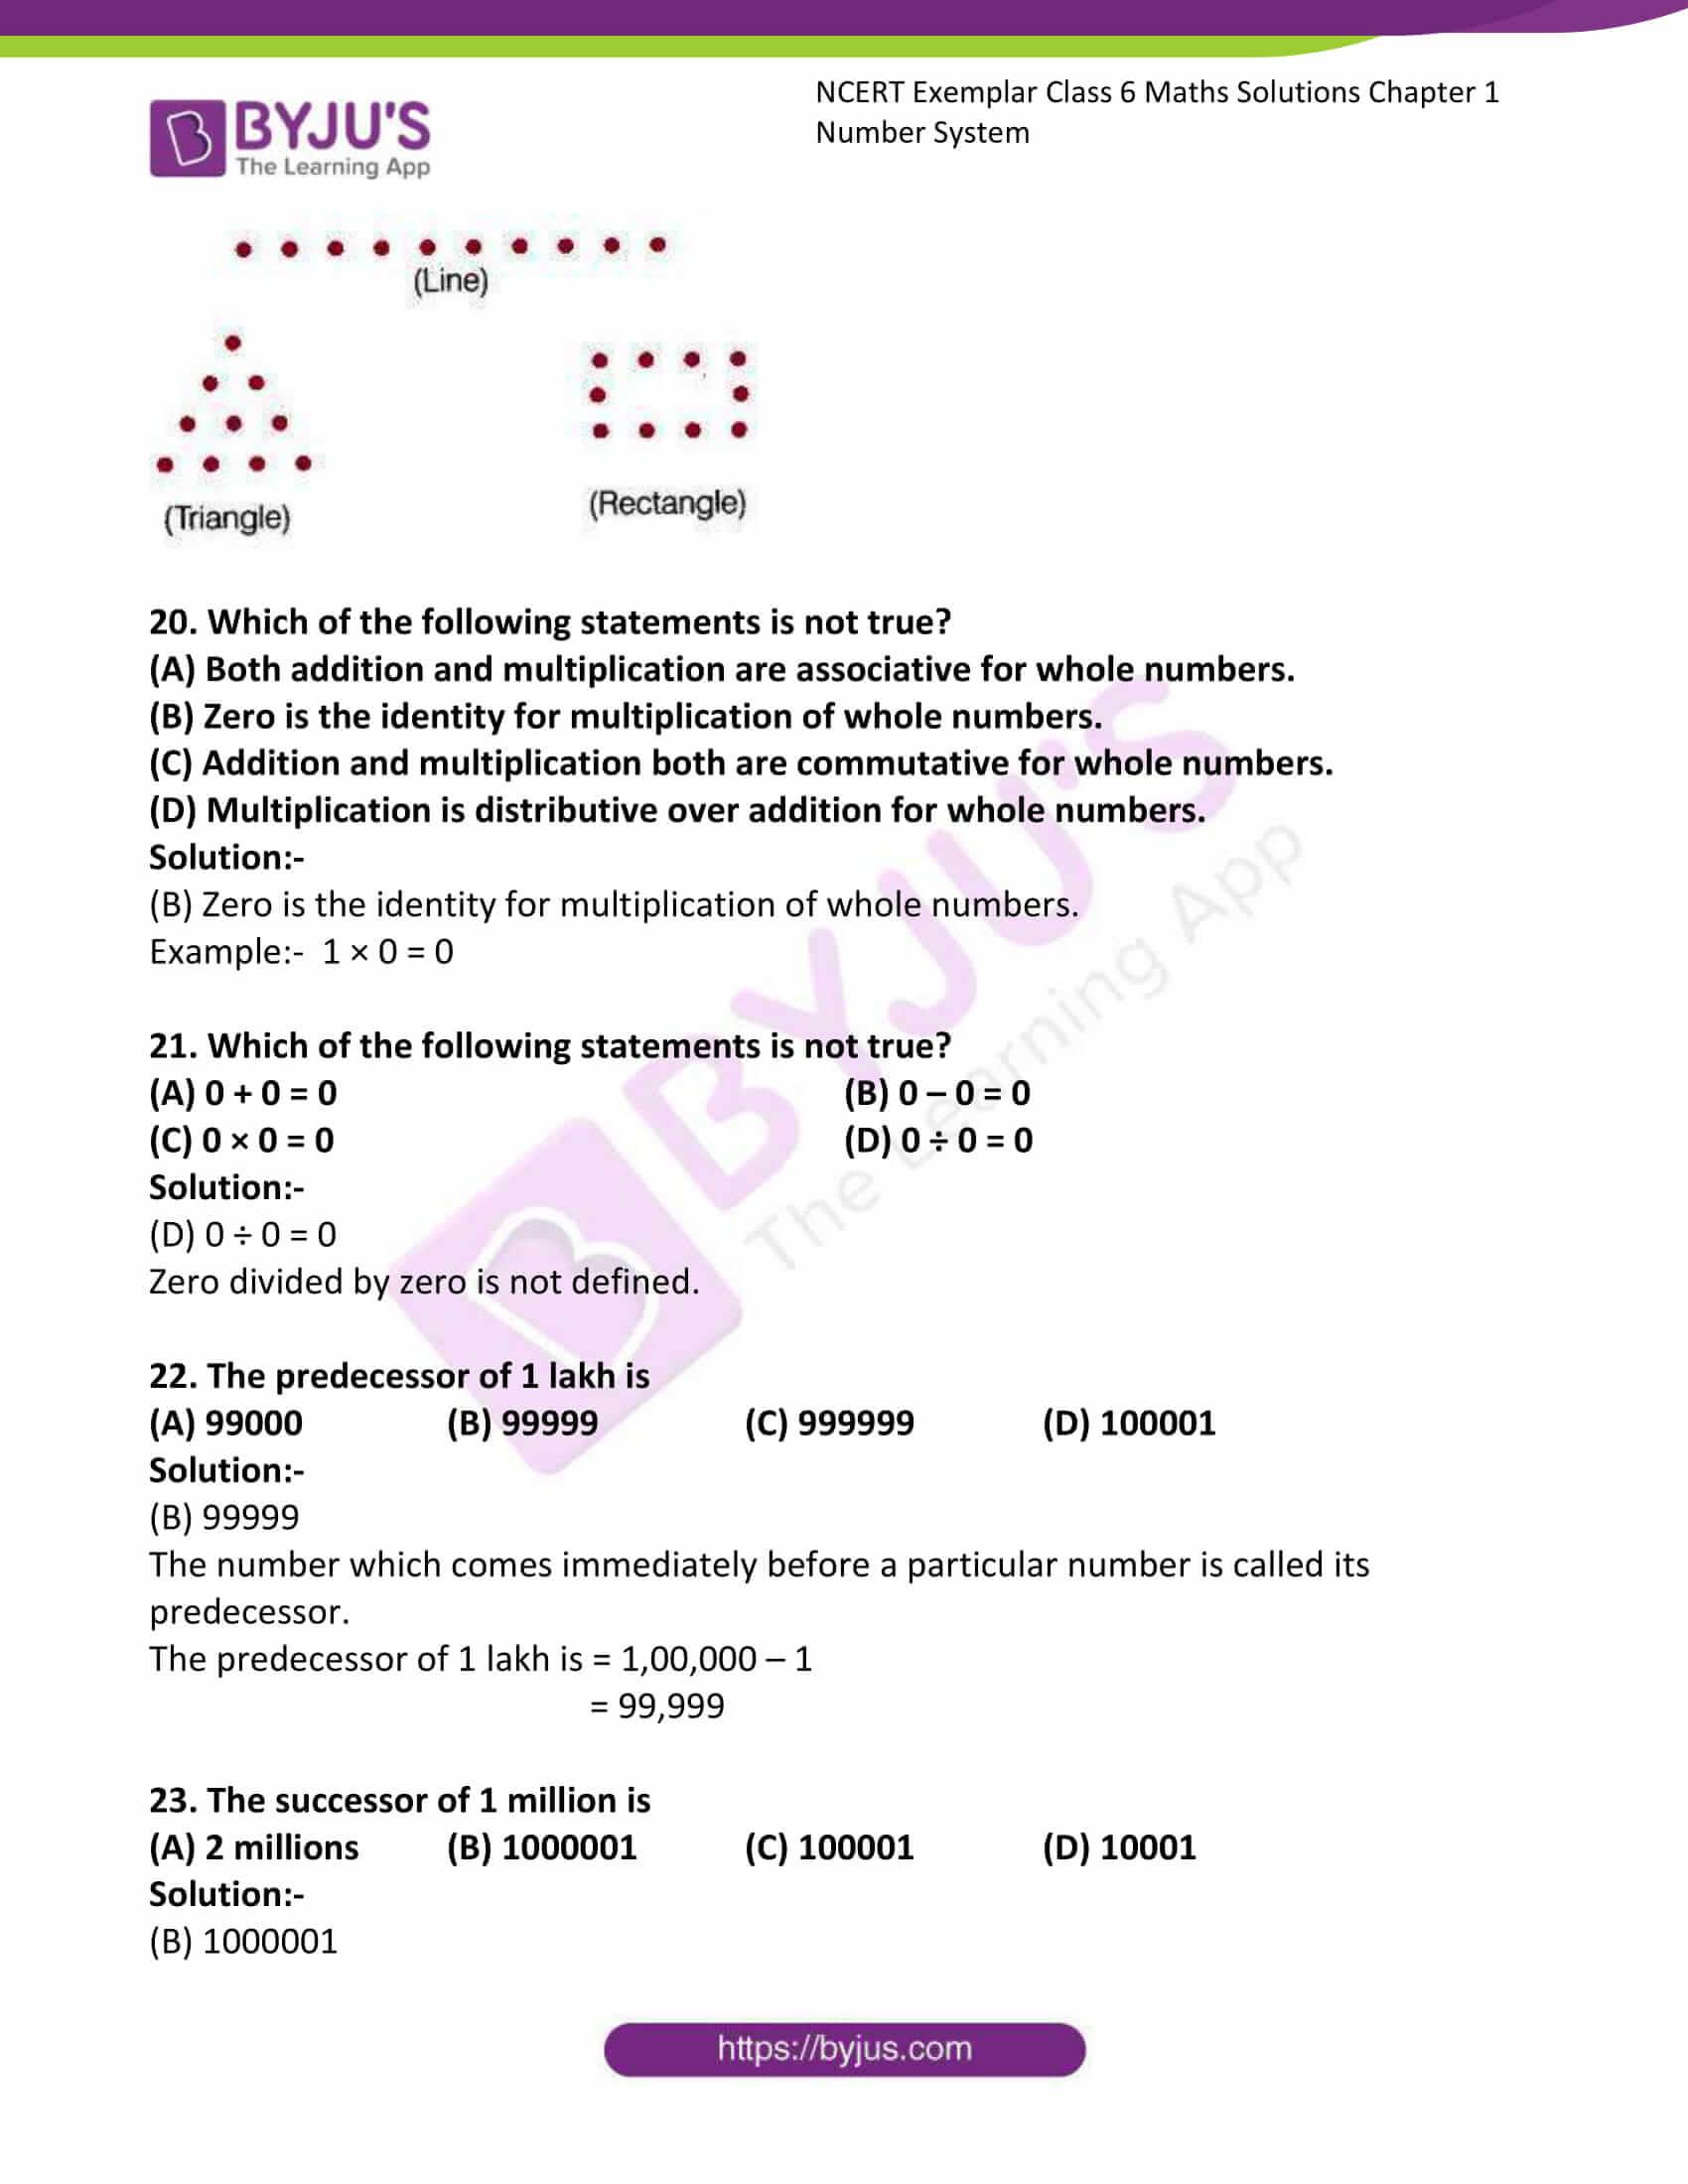 ncert exemplar class 6 maths sol ch 1 06